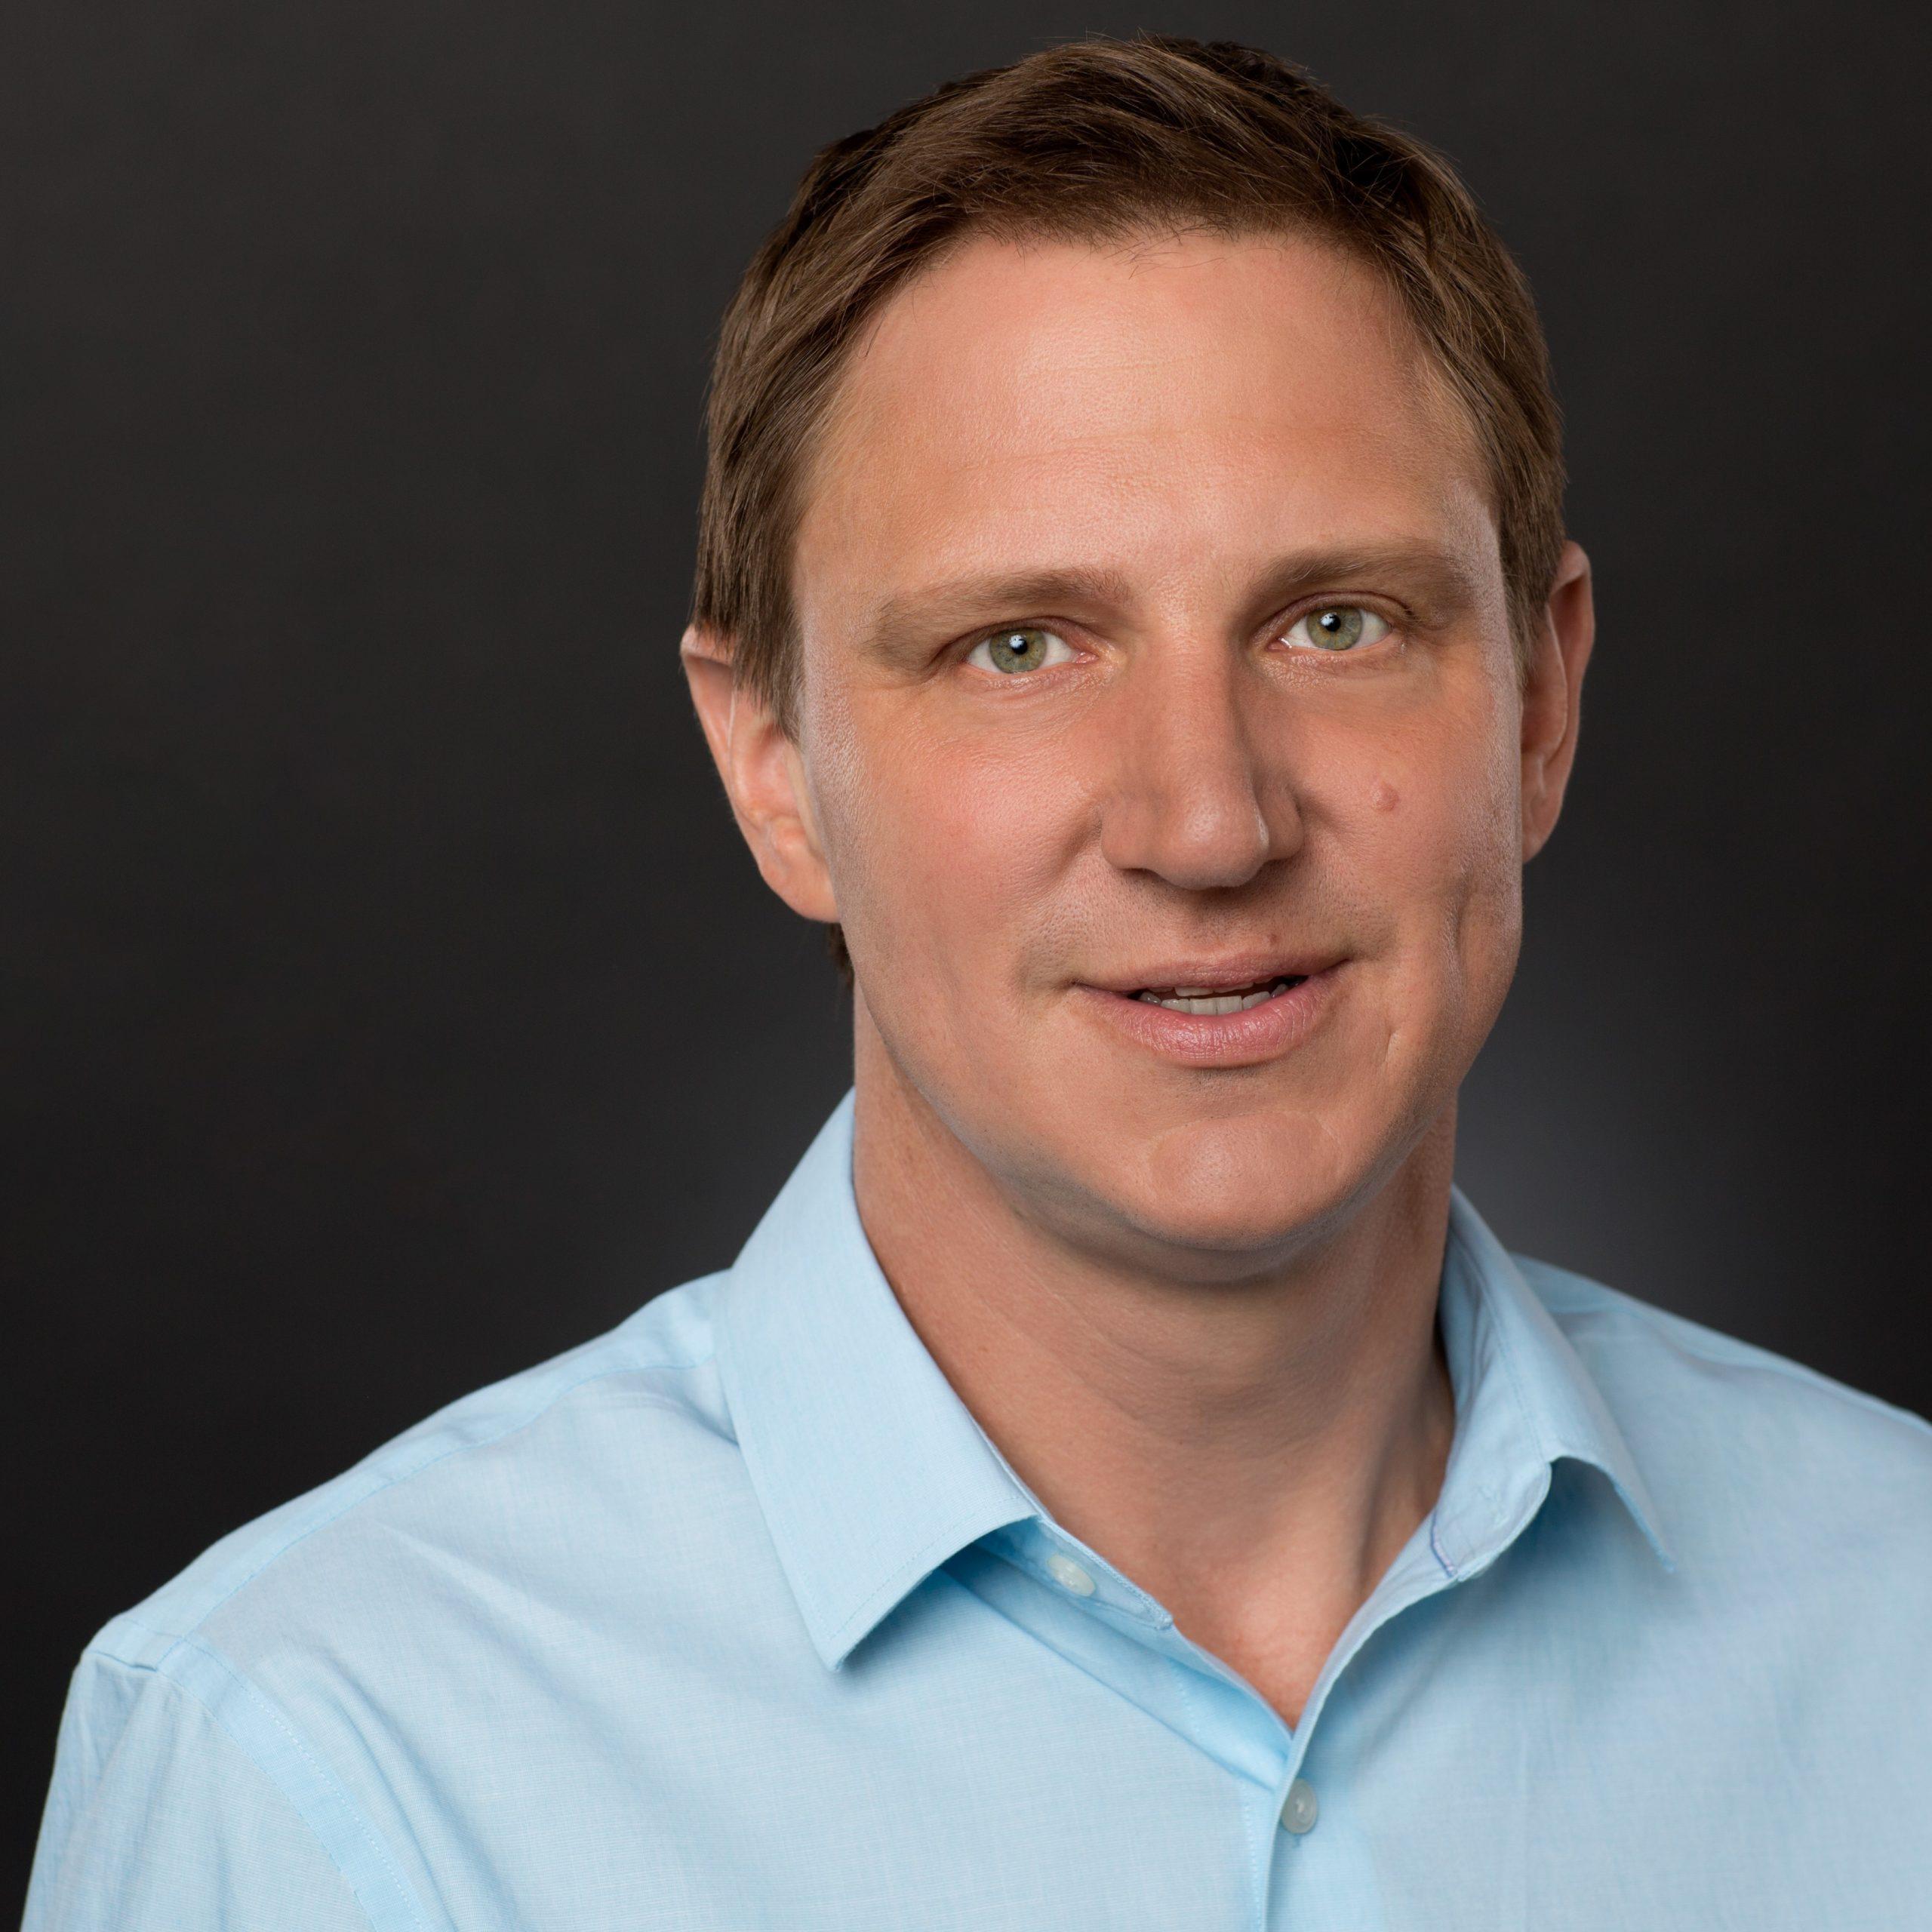 Wave 80's Dan Laser Joins Leaders from J&J, Lantos on MedInnovations panel